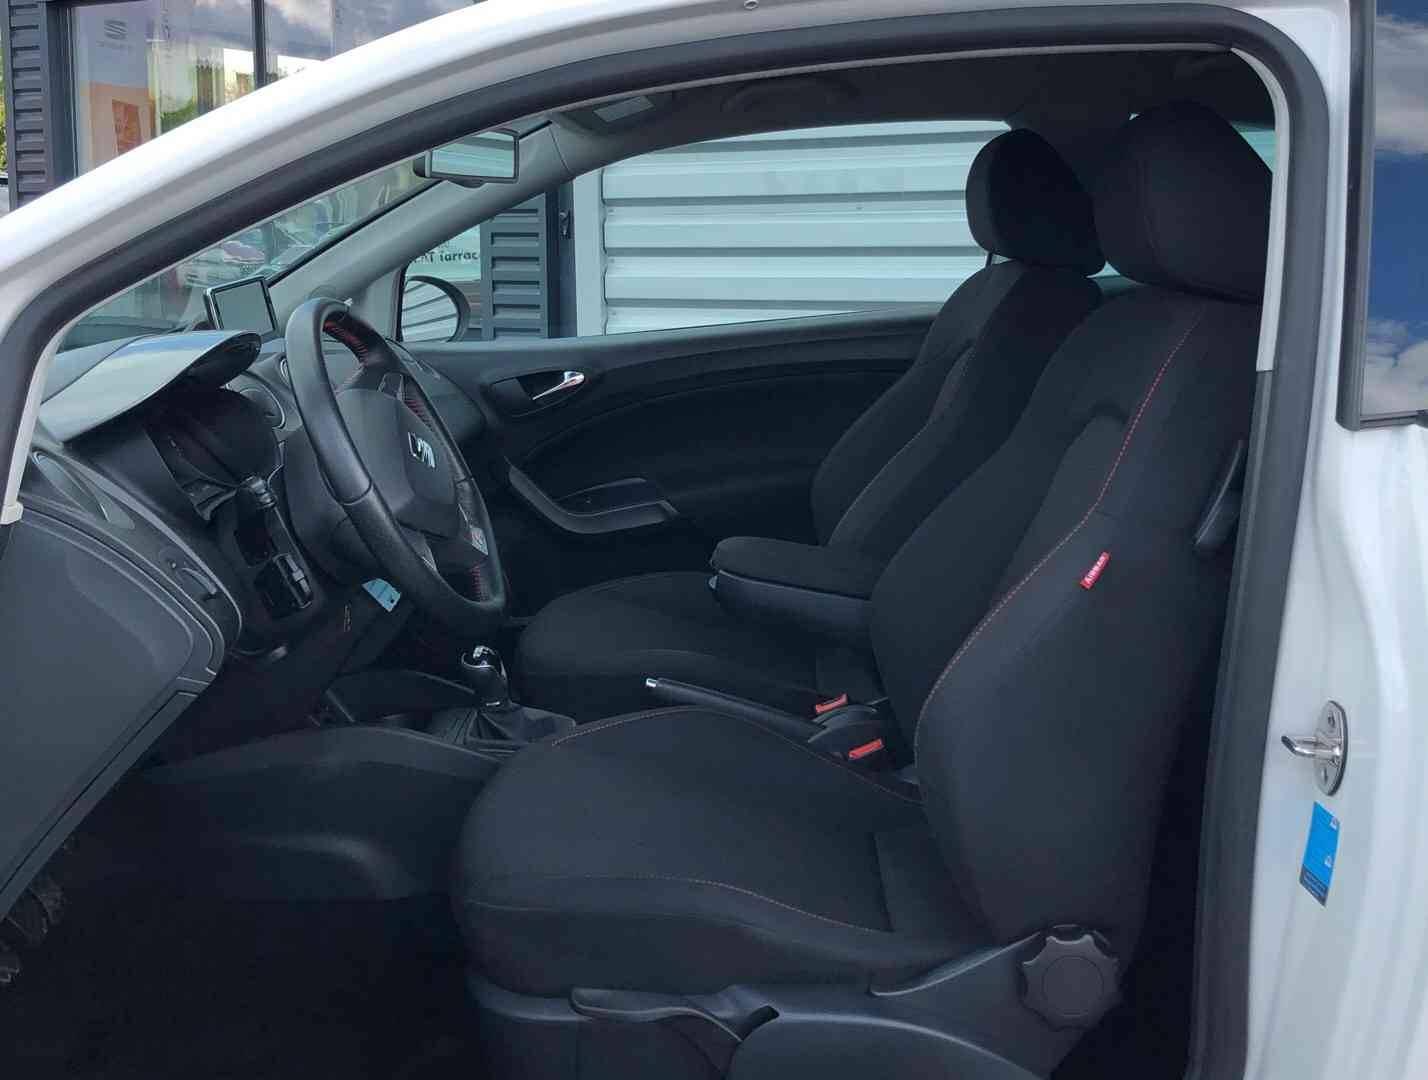 5 - Ibiza 1.2 TSI 105 ch